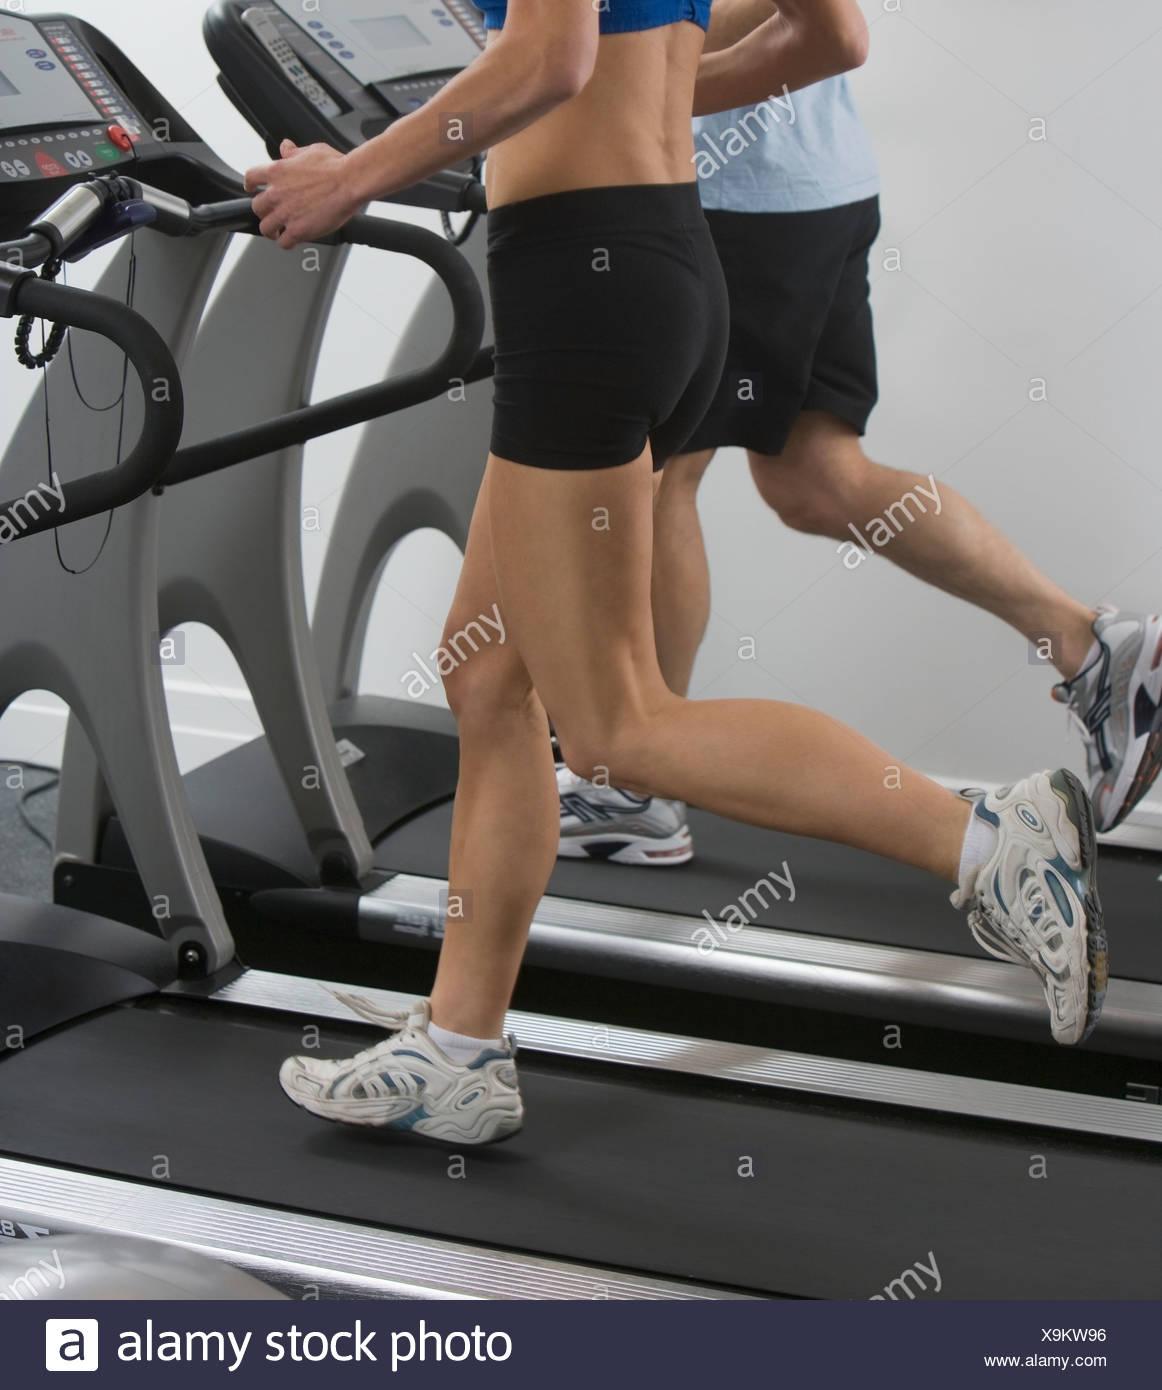 Couple running on treadmills - Stock Image